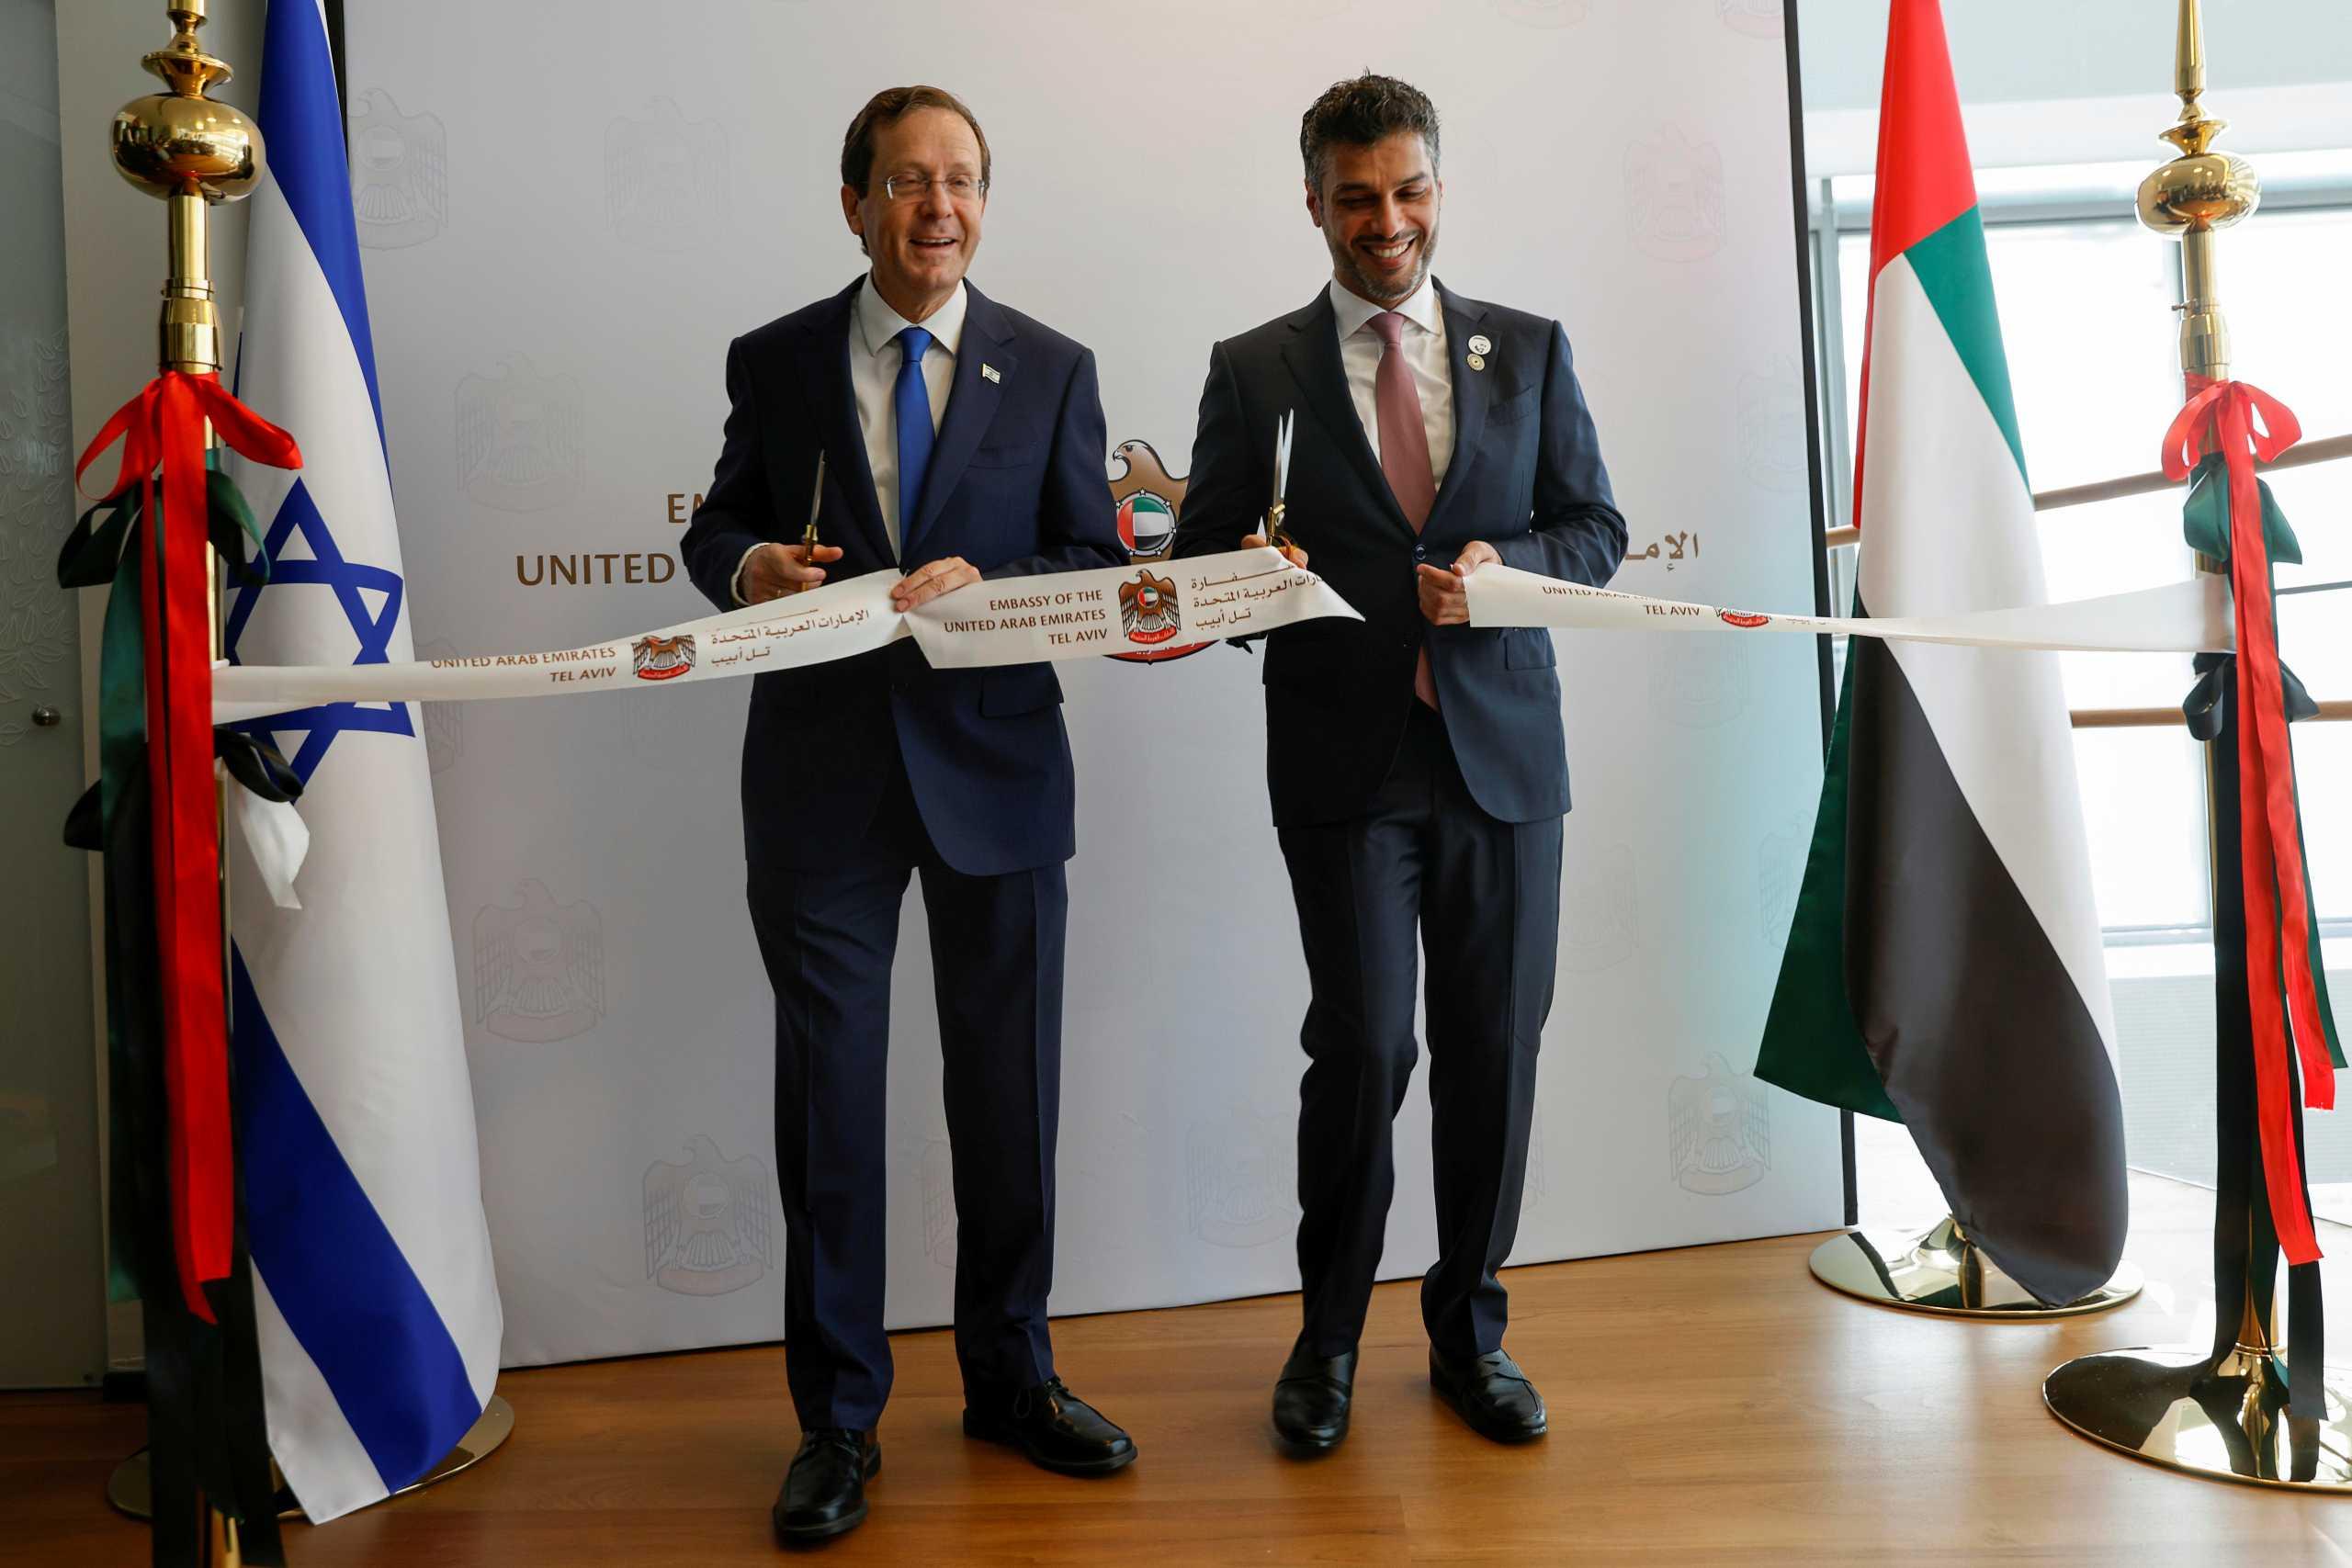 Ισραήλ: Τα Ηνωμένα Αραβικά Εμιράτα άνοιξαν πρεσβεία στο Τελ Αβίβ